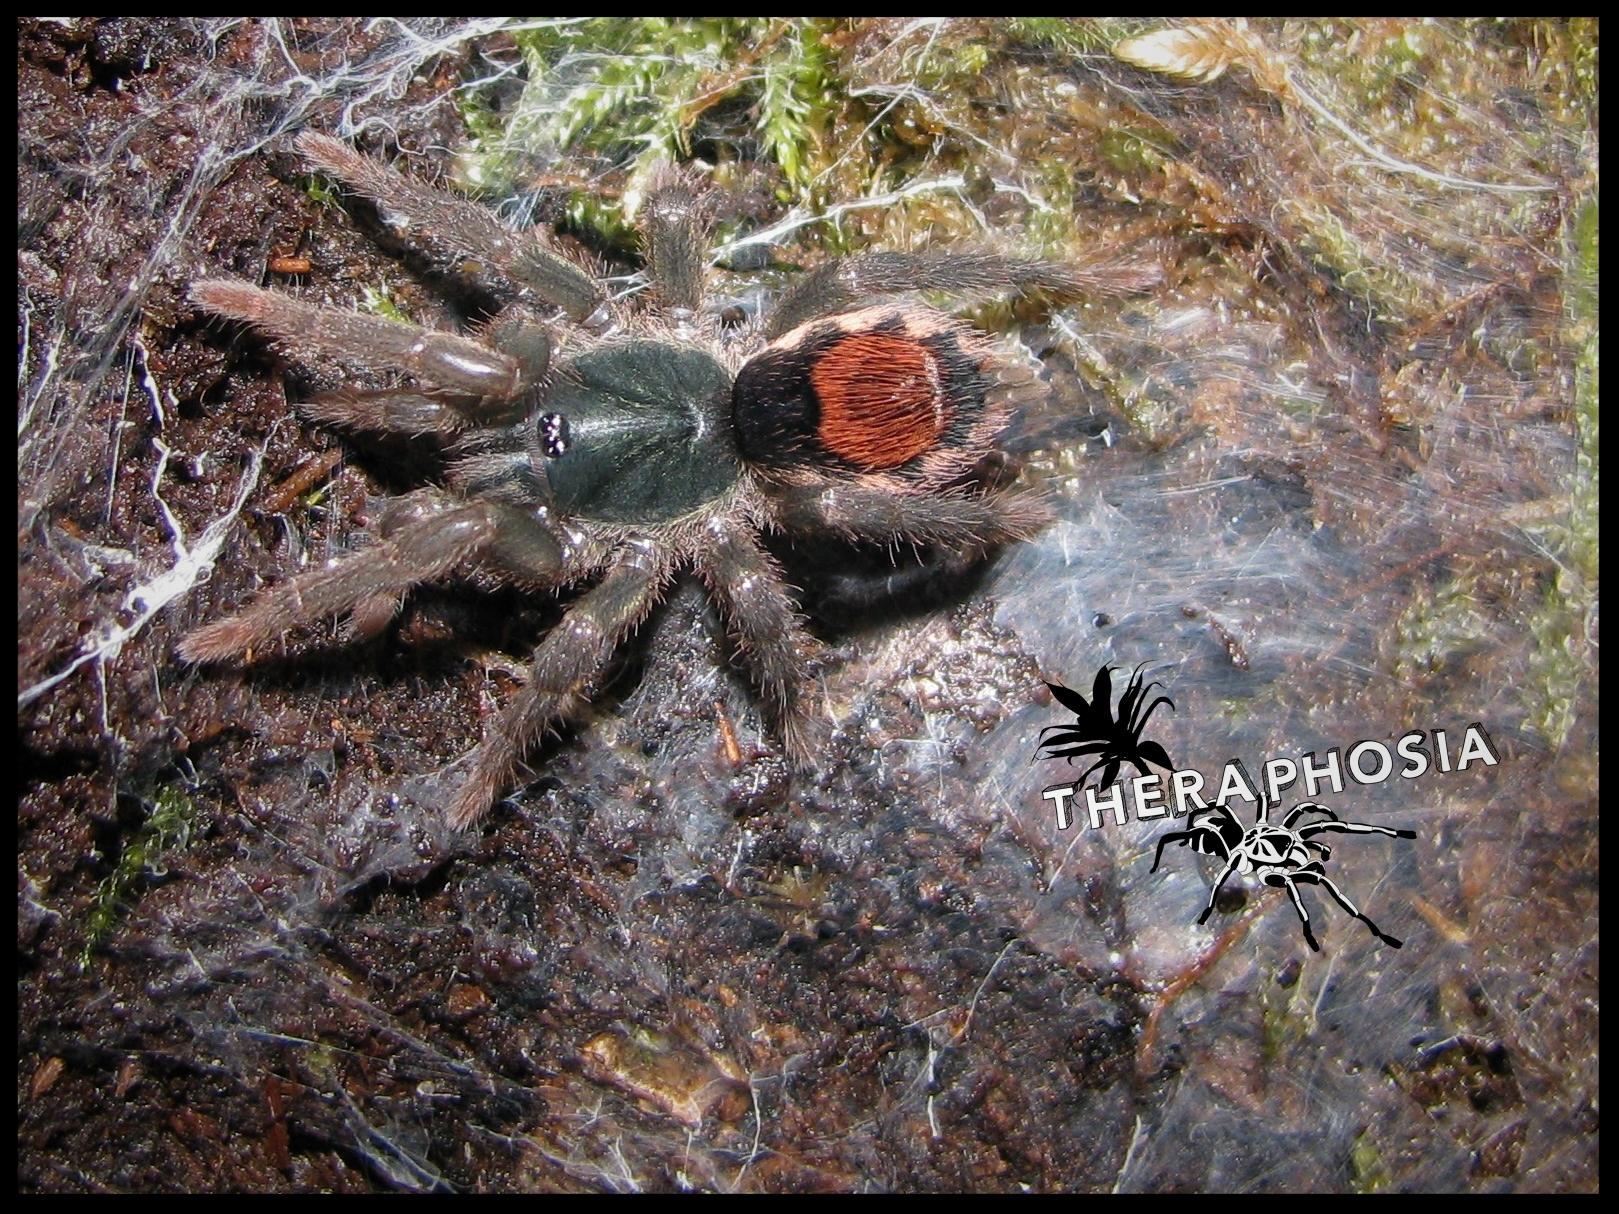 0.1 Neostenotarsus sp. Suriname